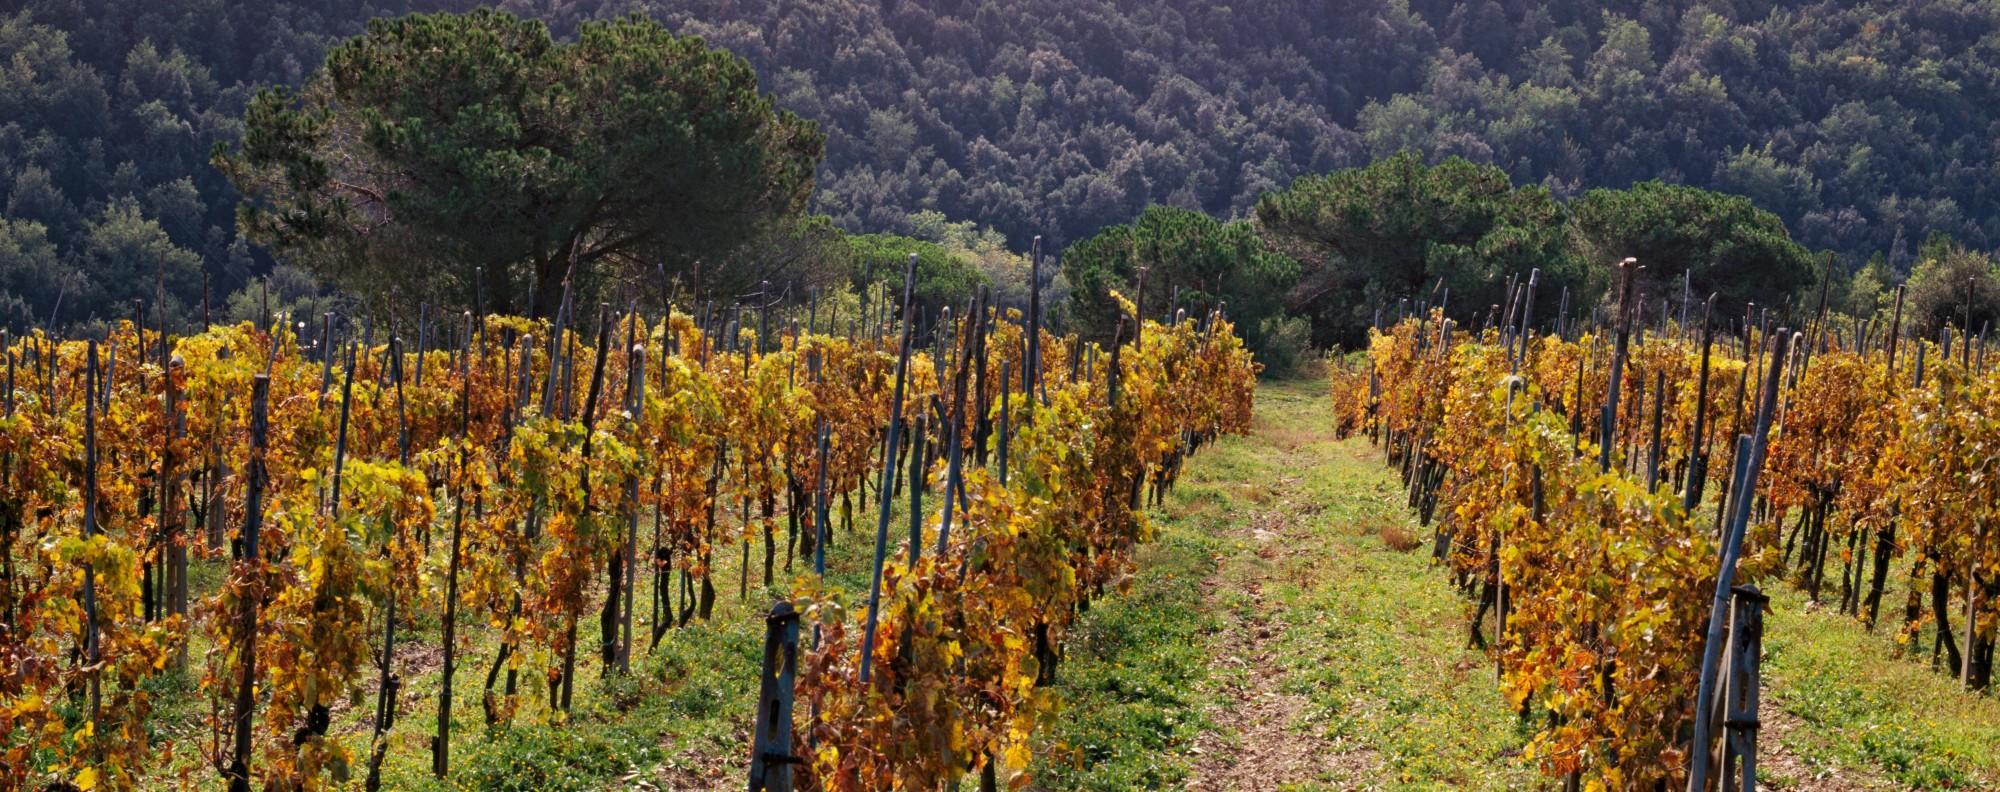 The Querciabella vineyard in Chianti Classico, Tuscany. Picture: Alamy